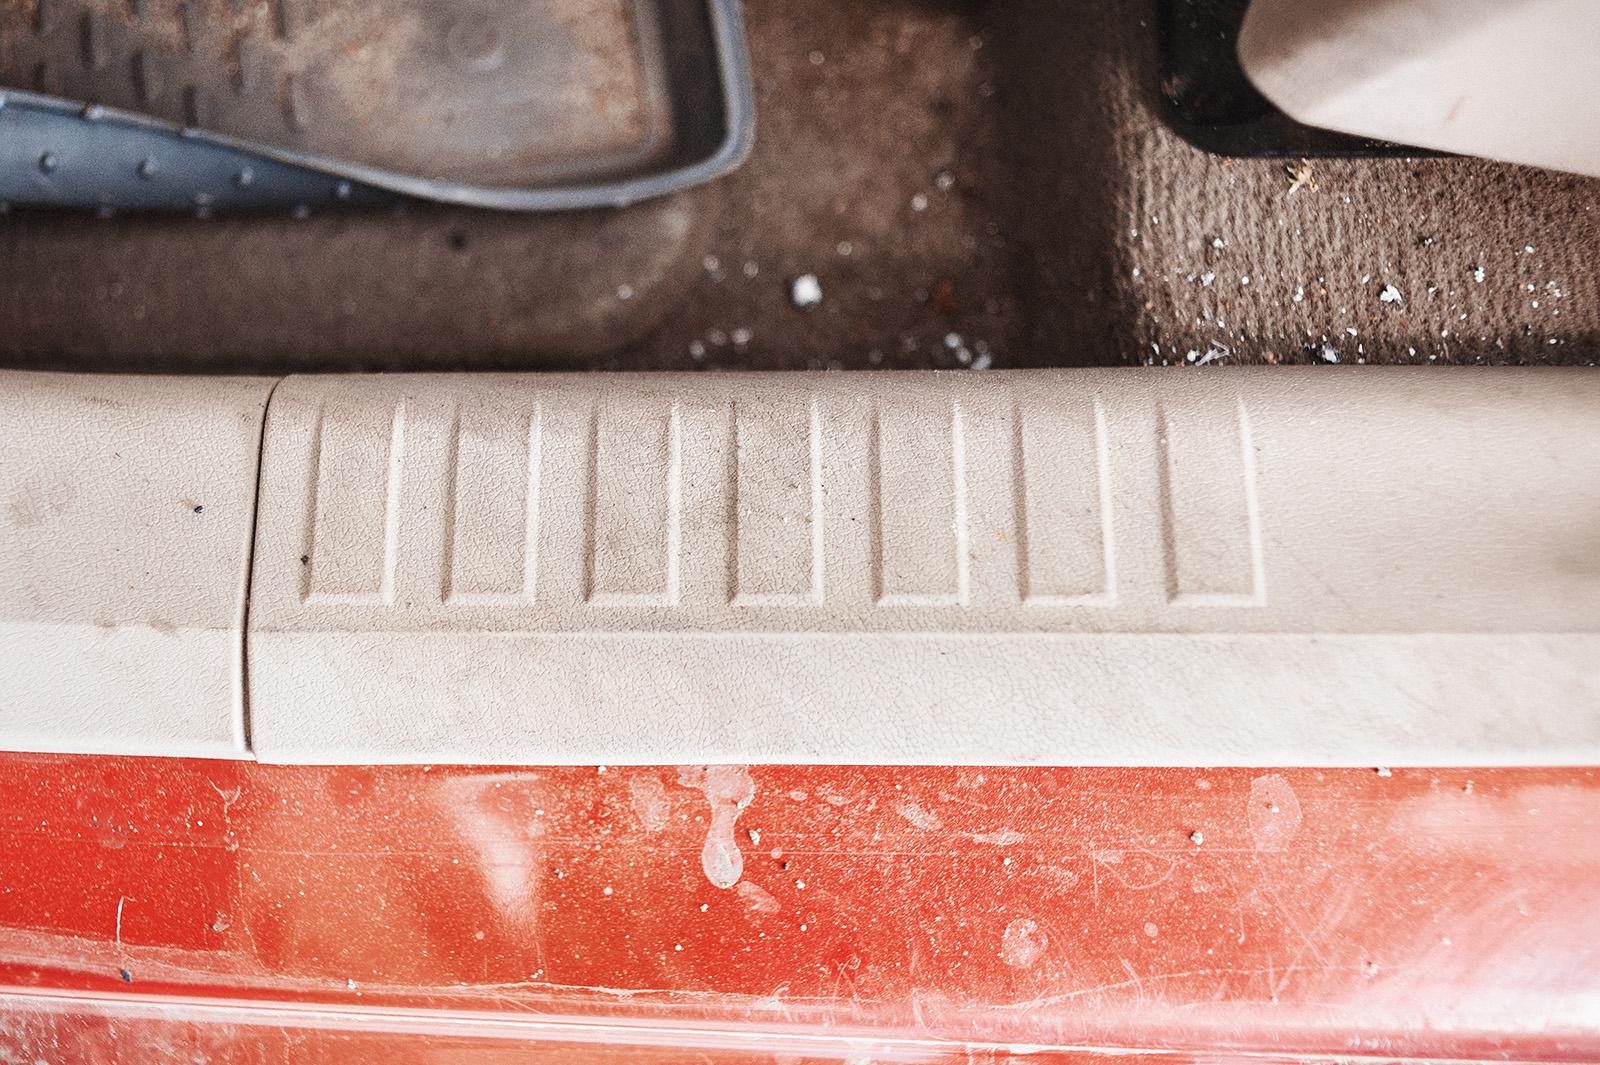 Грязь въелась в пластик порога, ковры утратили свой цвет